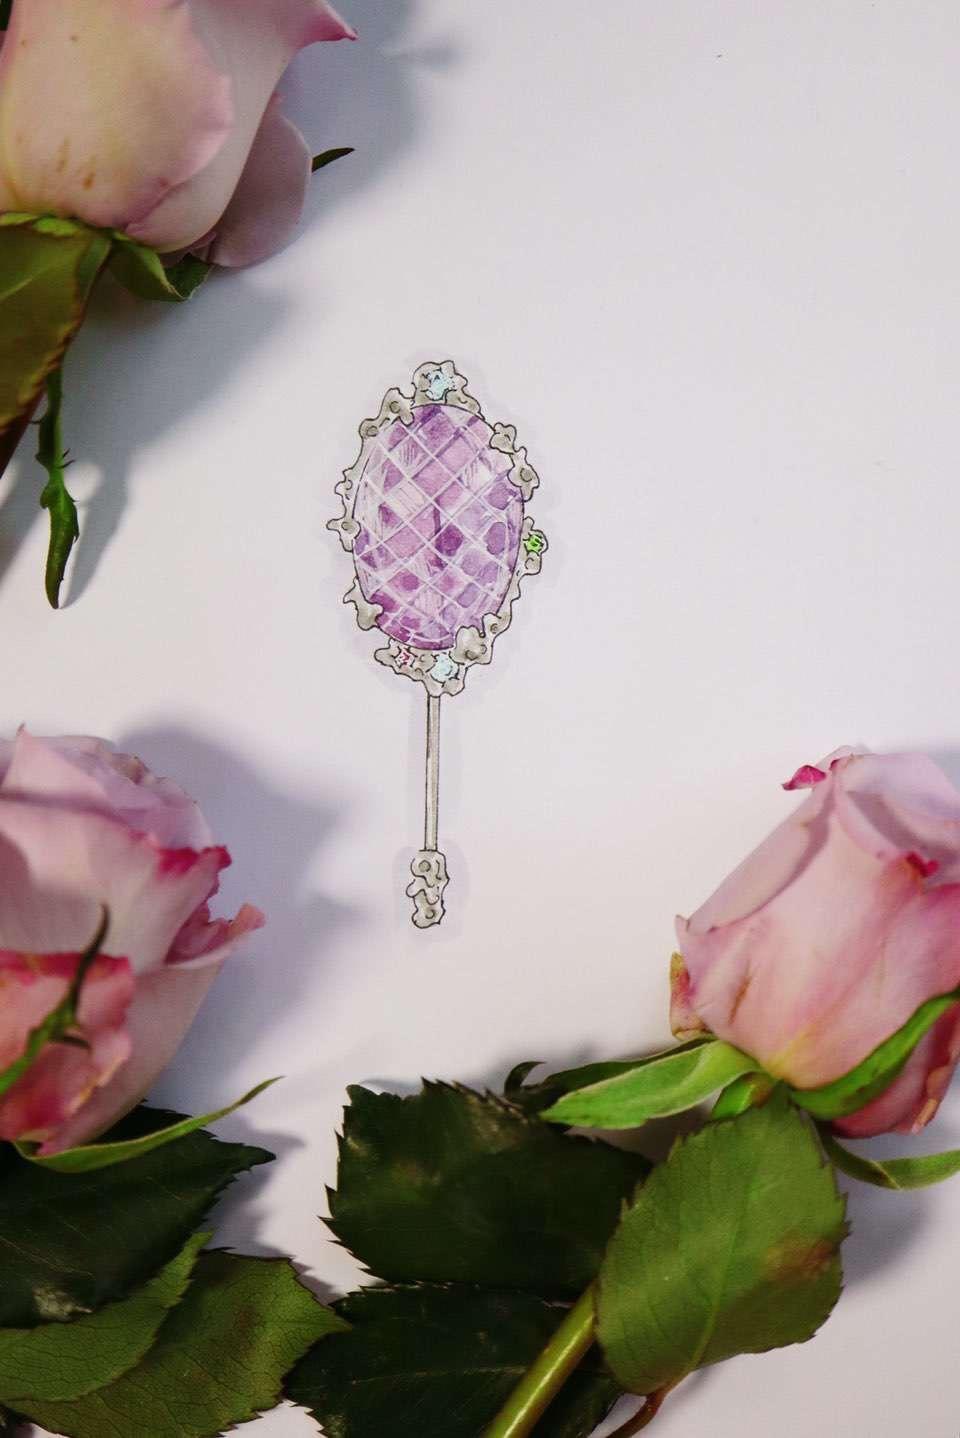 【紫水晶胸针】年底,小棉袄们都来给妈咪定制礼物了-菩心晶舍